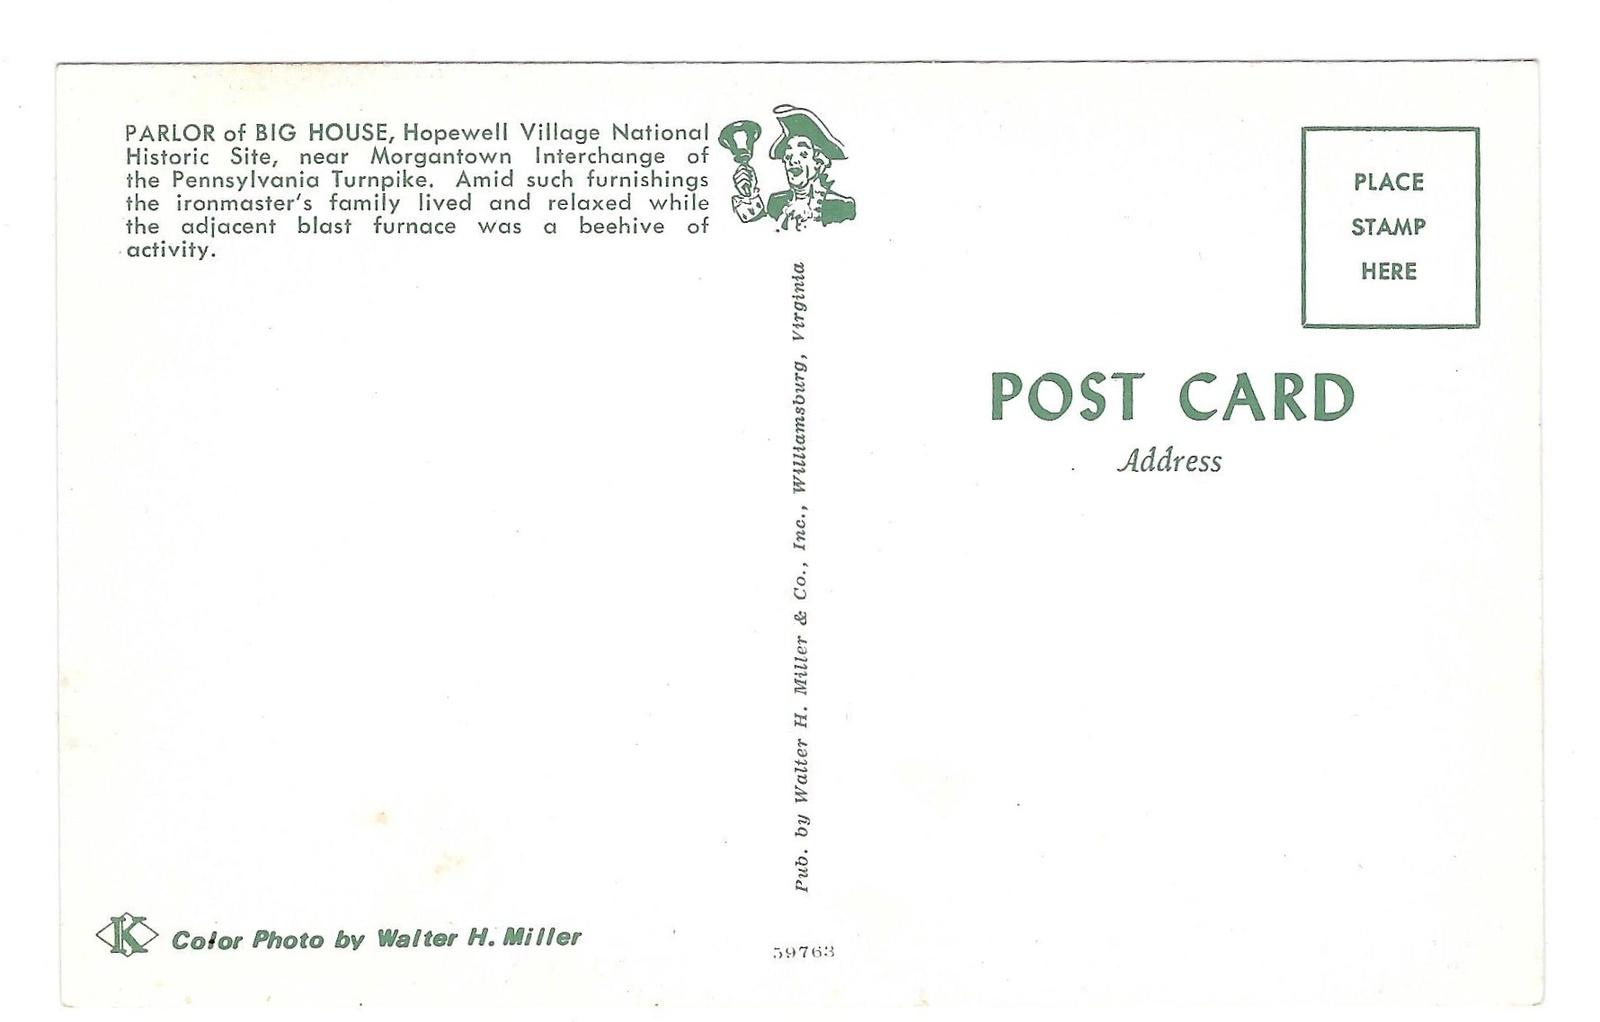 Hopewell Village PA Parlor Big House Vintage Postcard Walter H. Miller